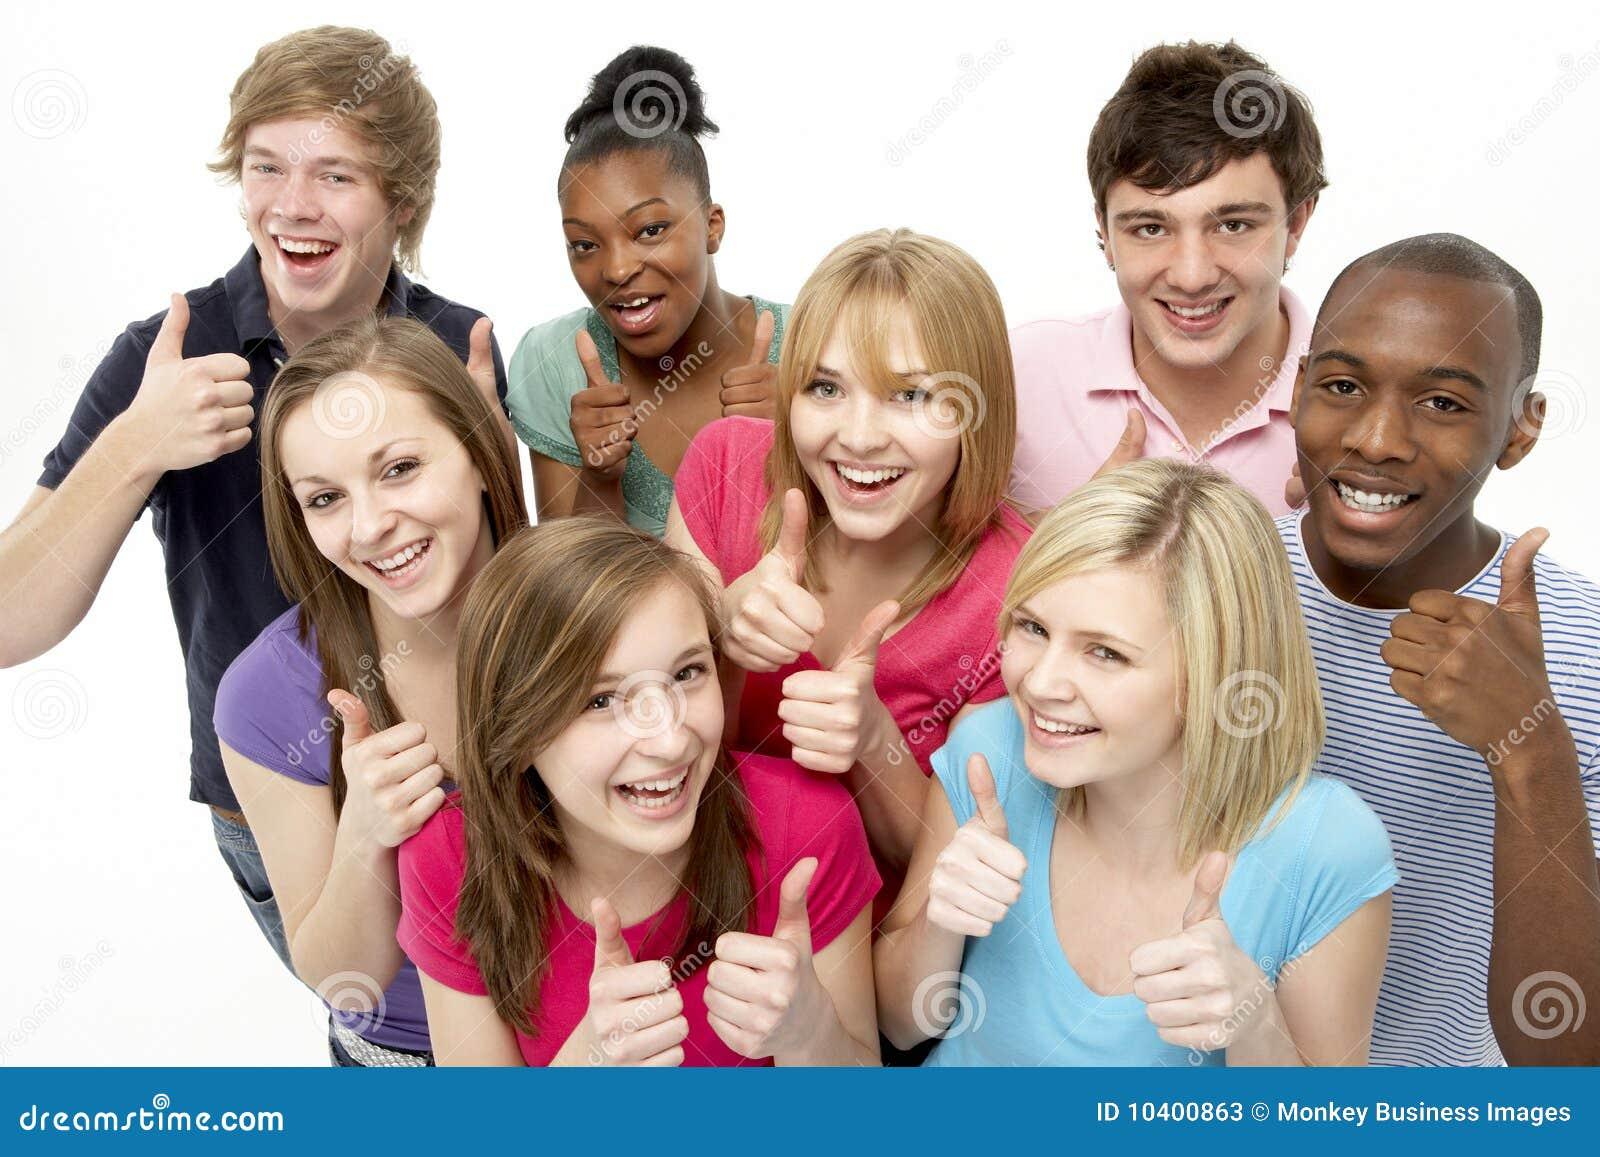 Liste d'adolescents photo d'adolescent